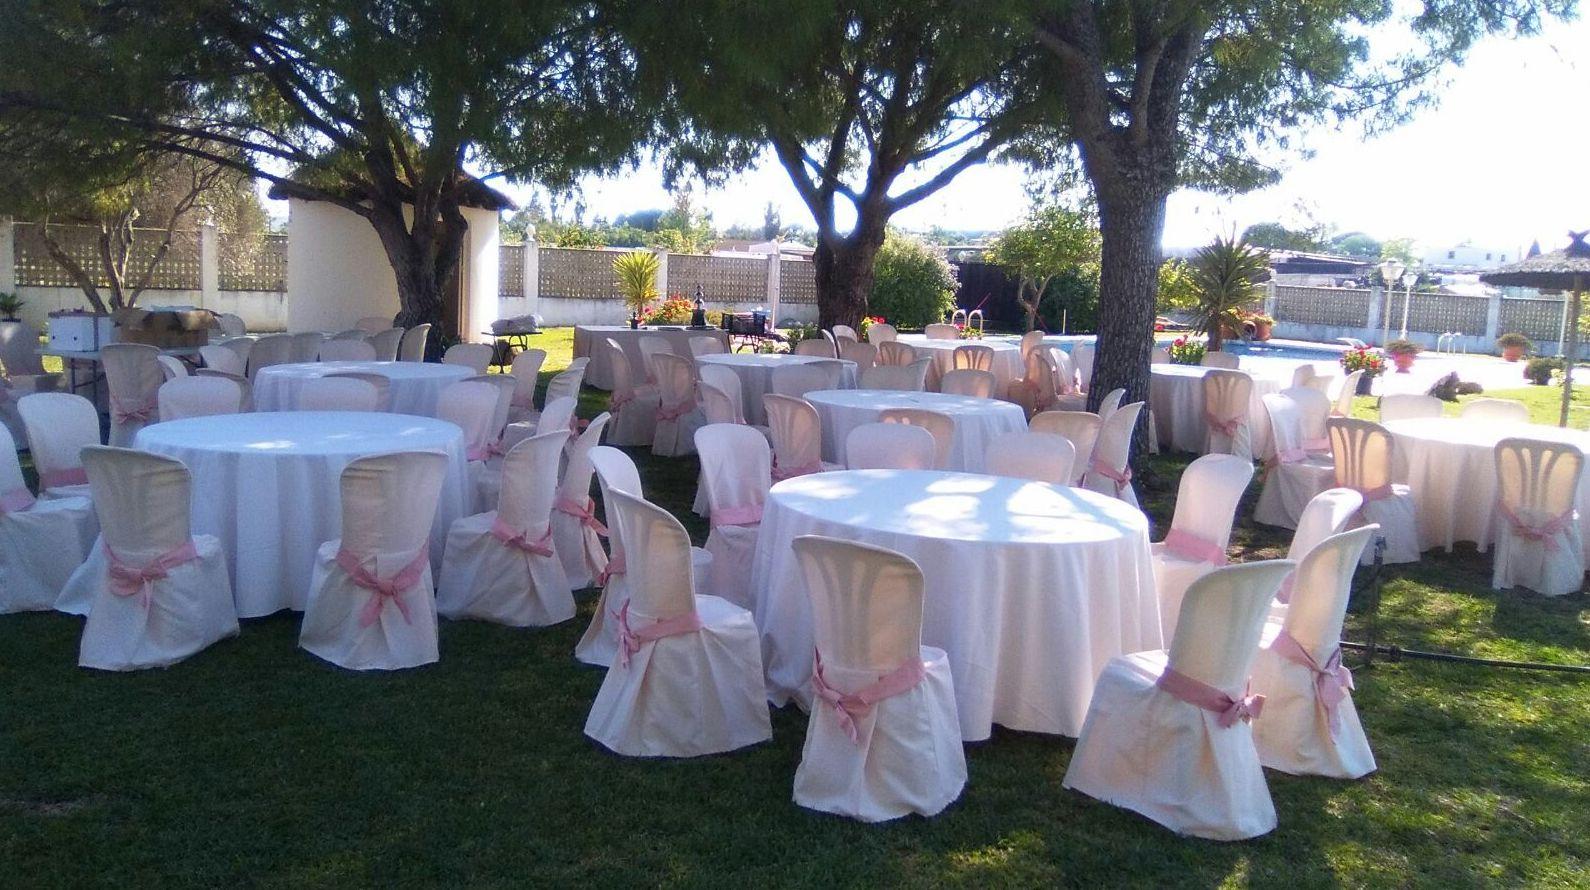 Foto 34 de Alquiler de sillas, mesas y menaje en Jerez de la Frontera | Jedal Alquileres